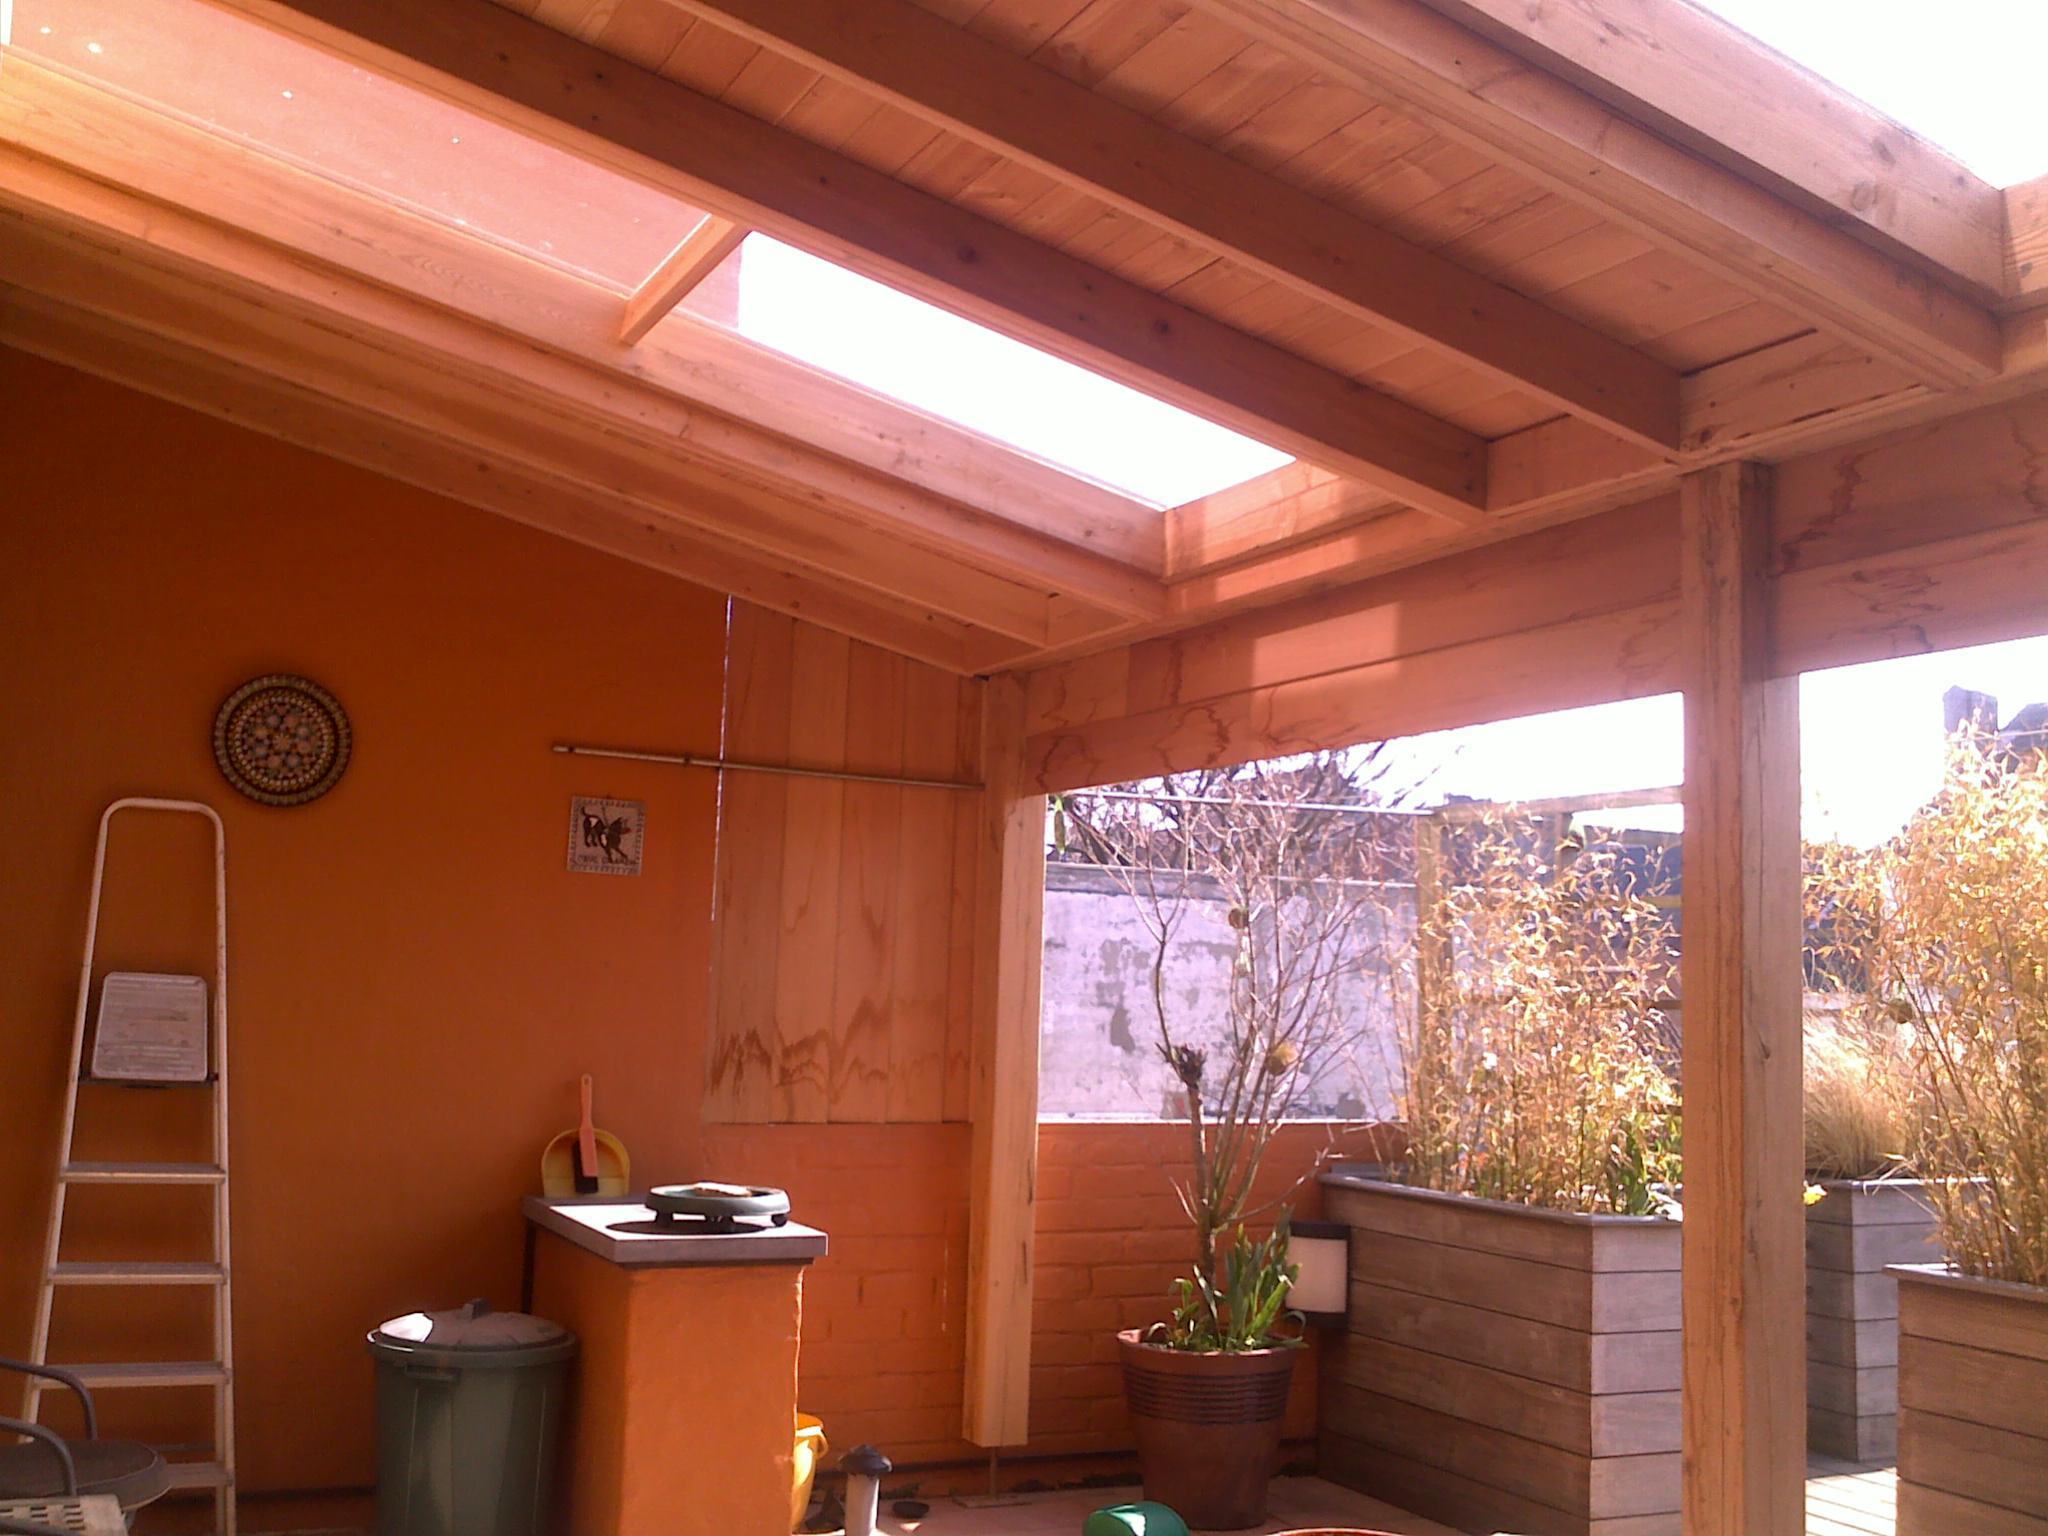 Binnenzicht van een afdak met lichtstraat op een daktuin